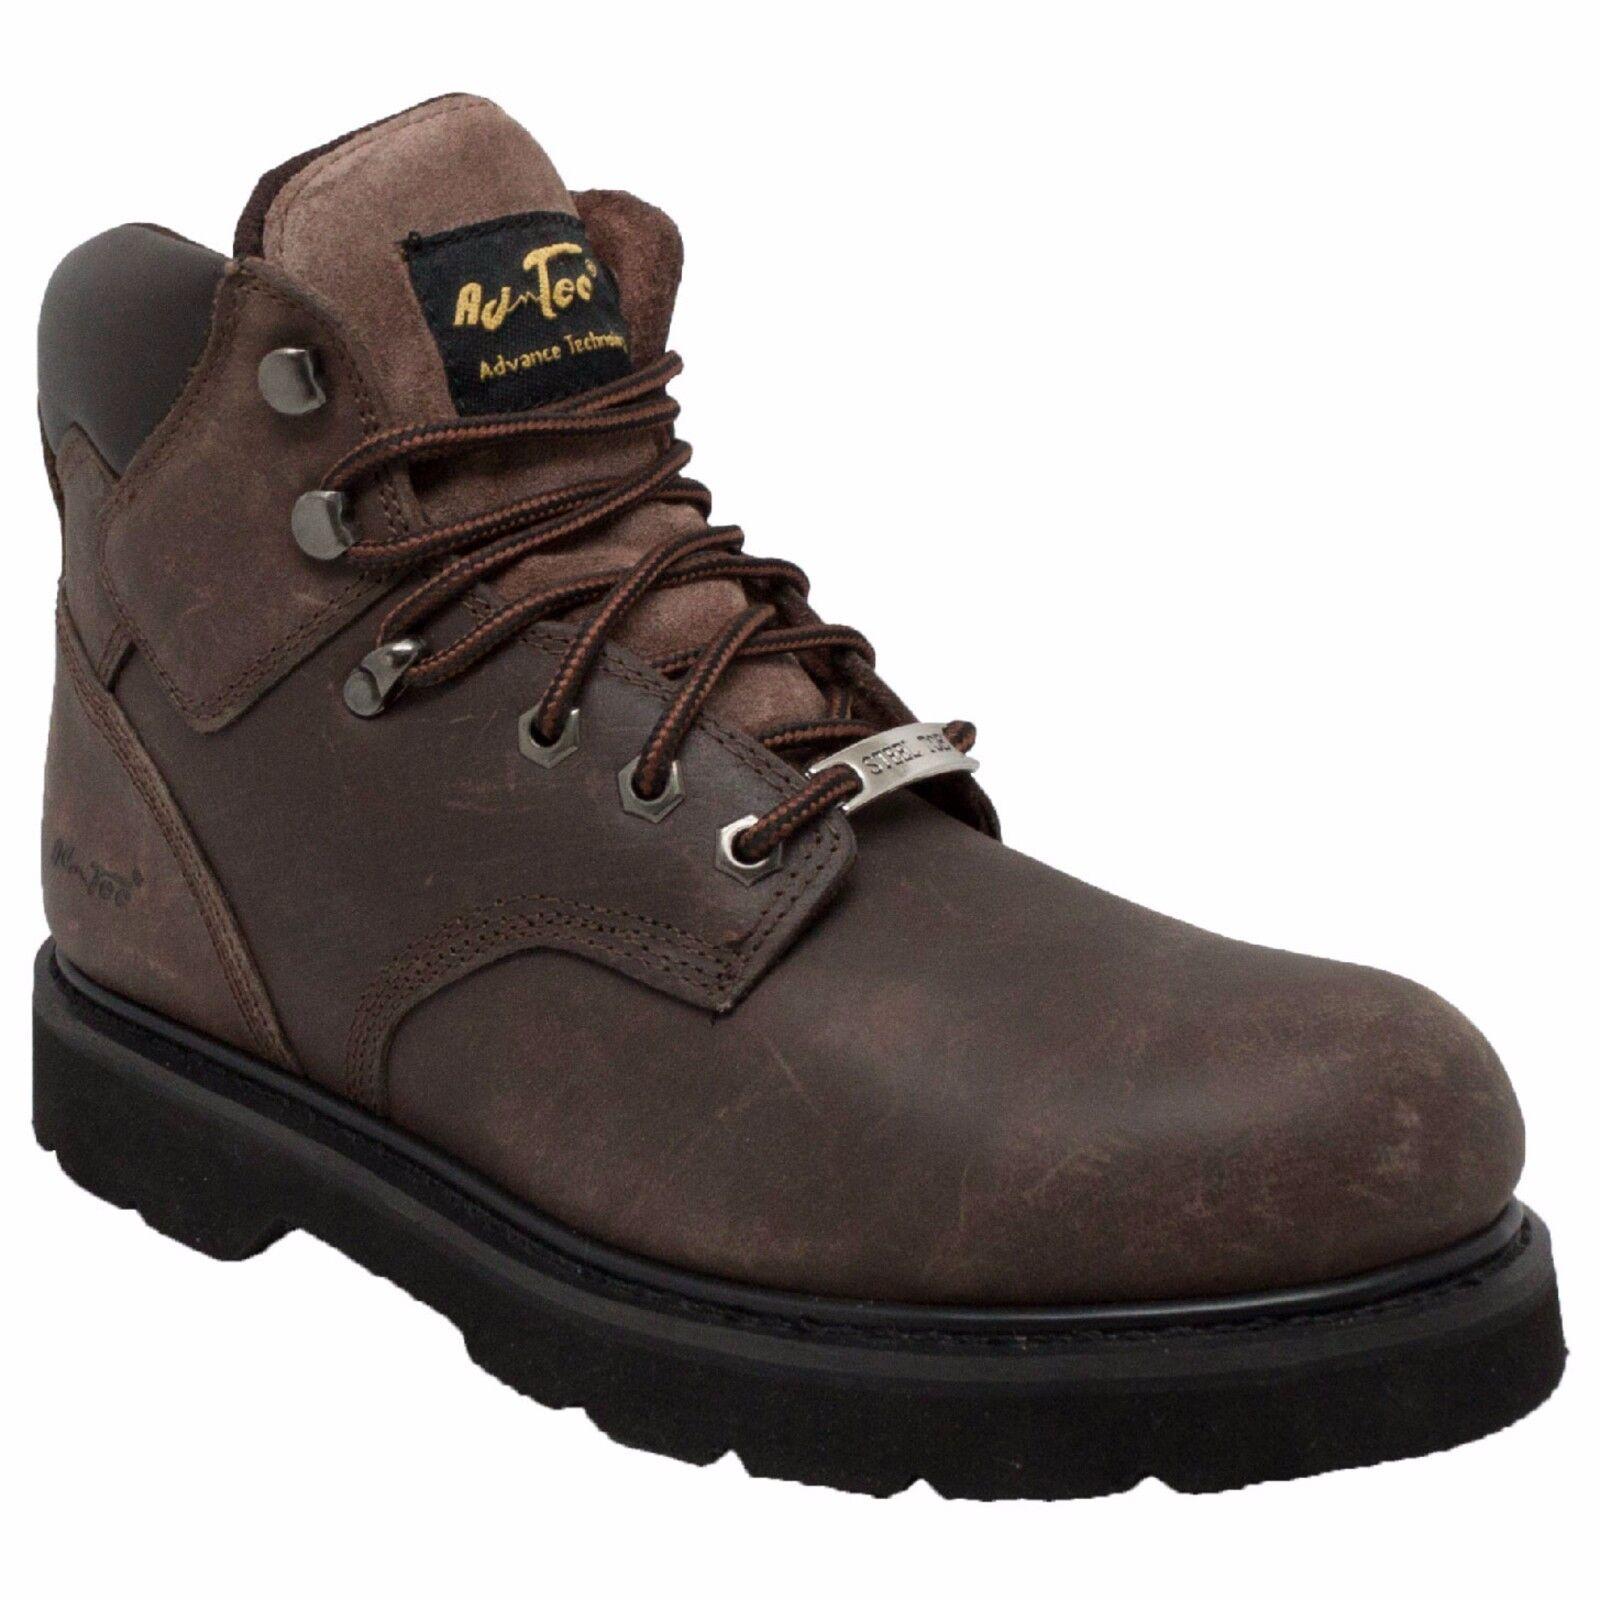 9415 AdTec Brown, Men's 6'' Work Leather Boot